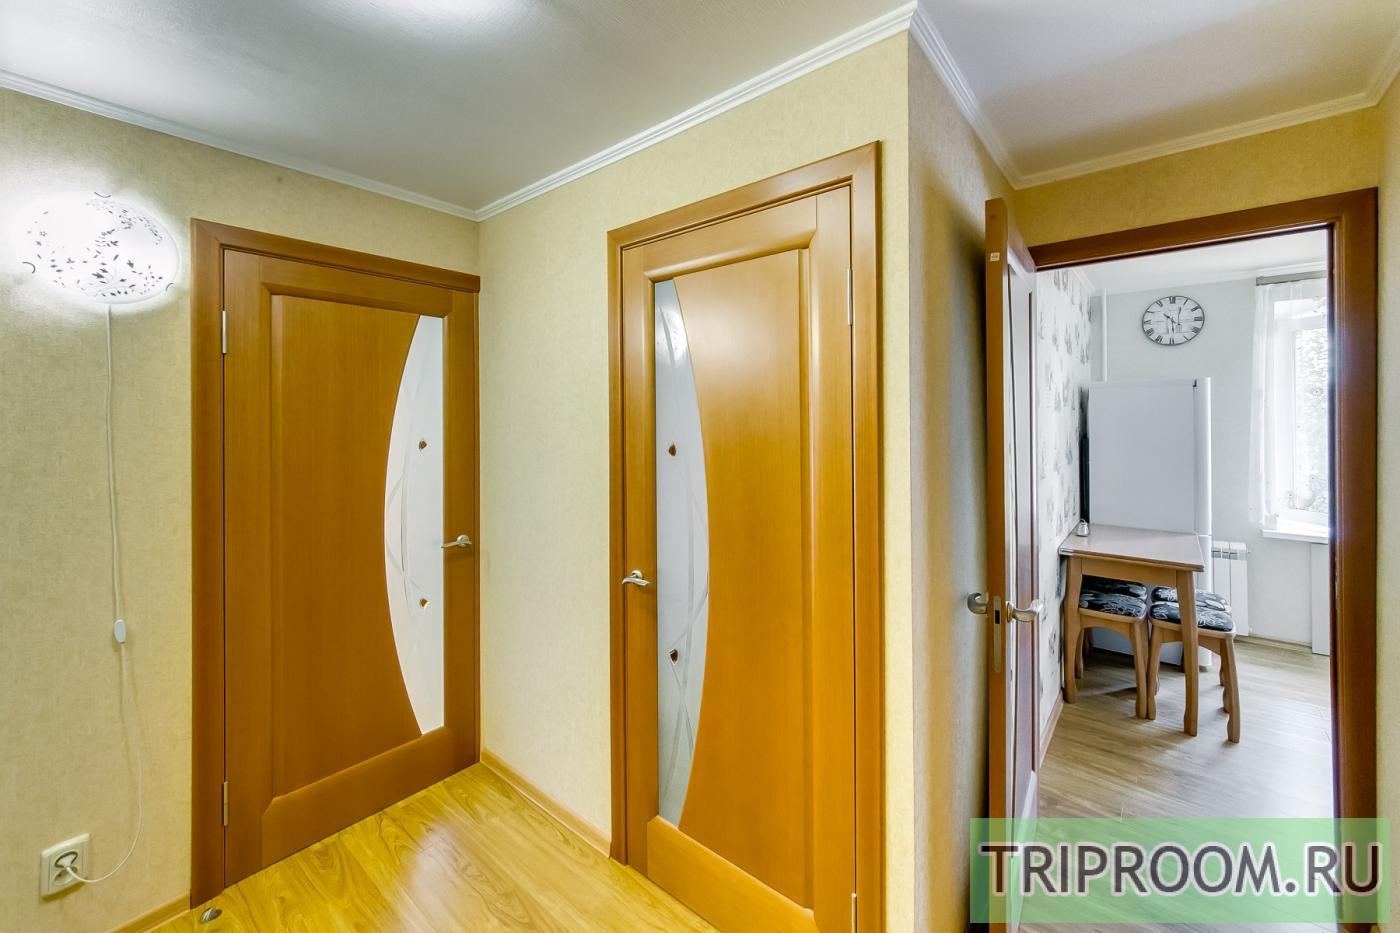 2-комнатная квартира посуточно (вариант № 18923), ул. Ленина проспект, фото № 2